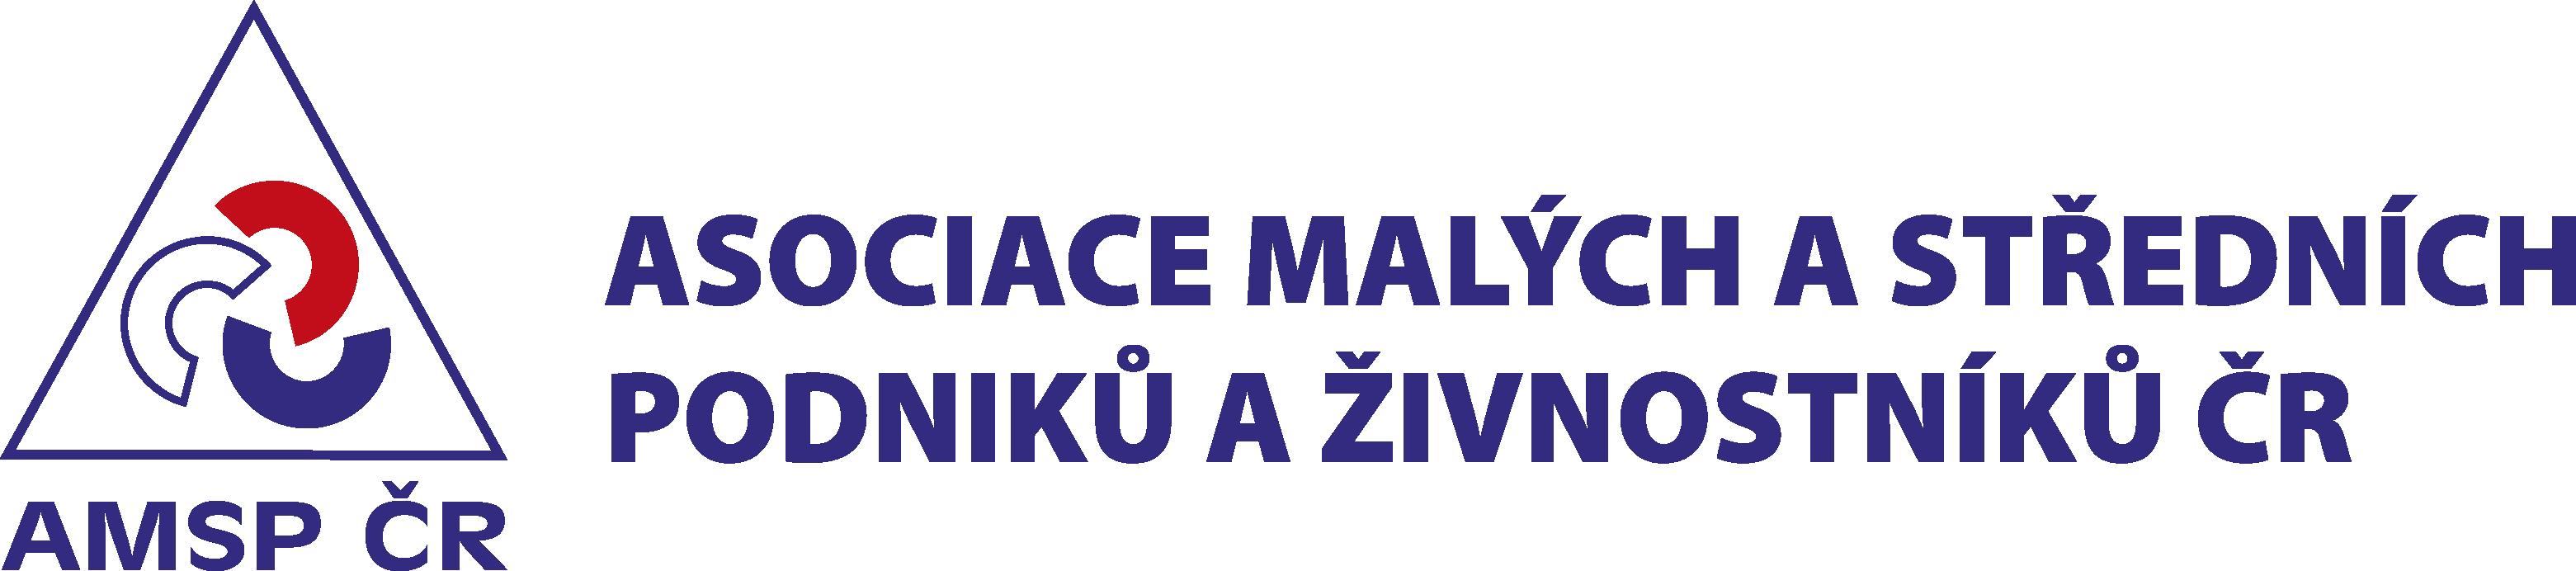 AMSP CR logo